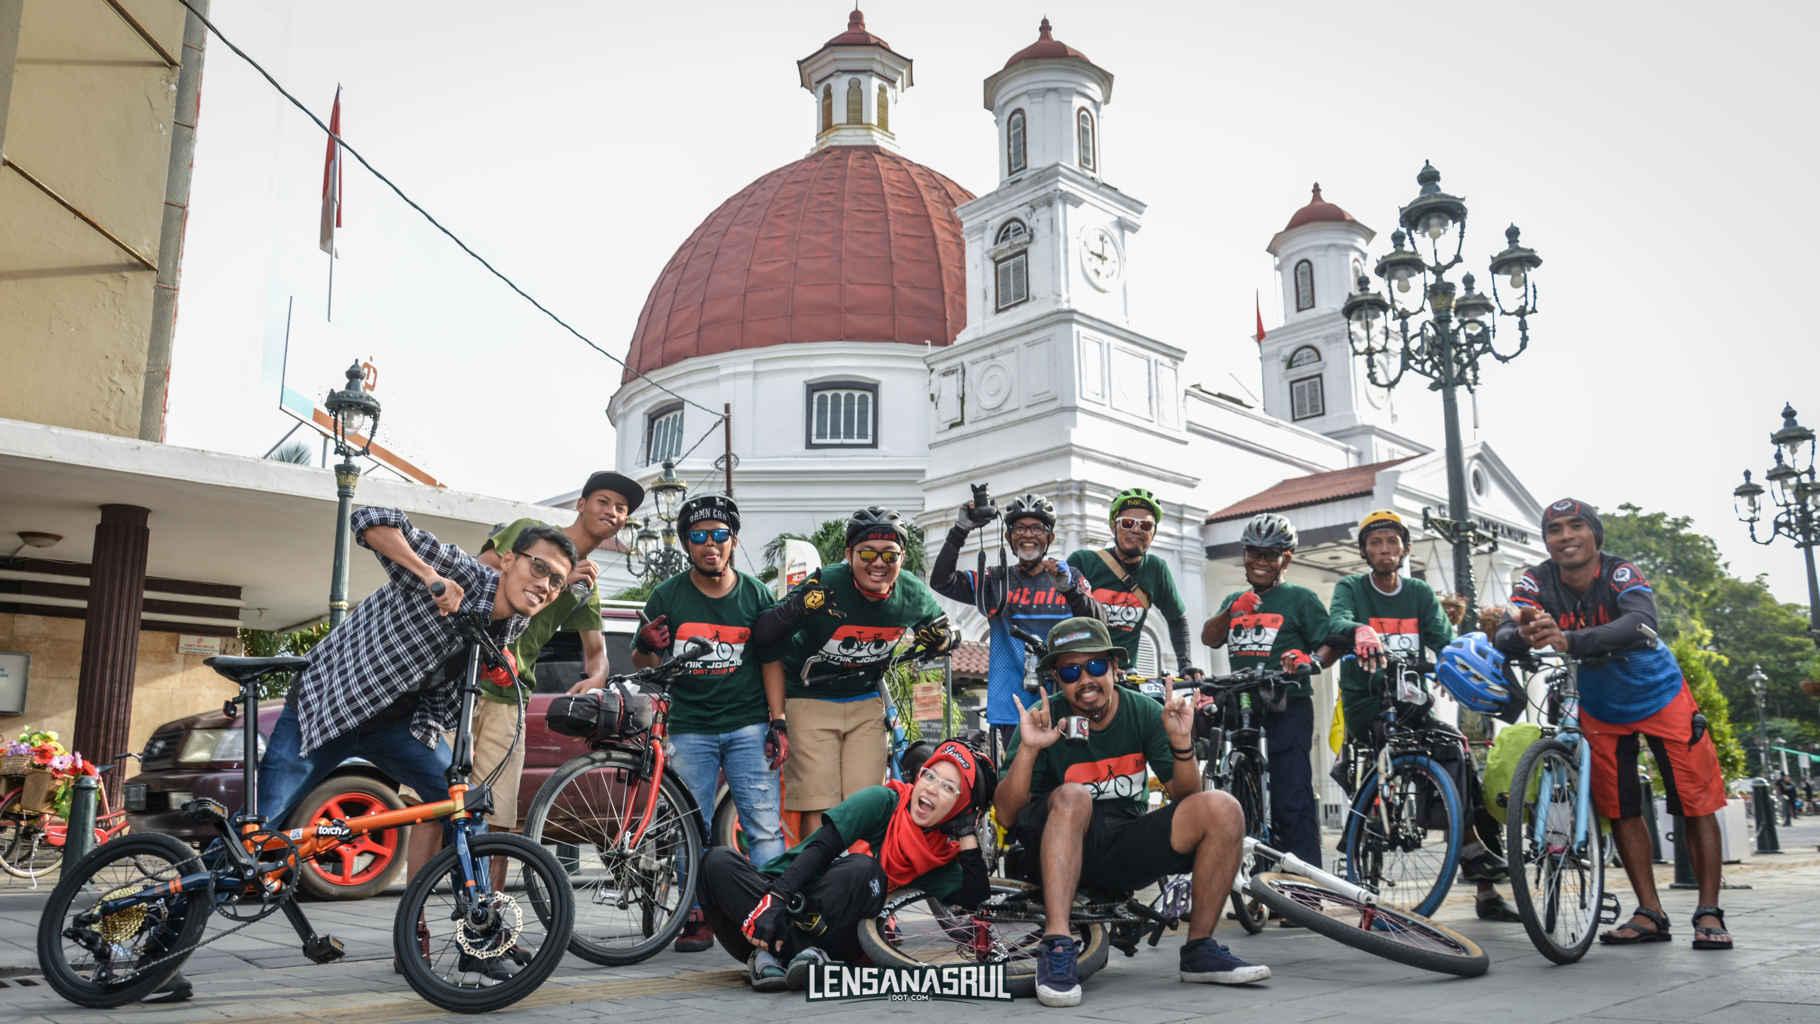 Liburan Ke Semarang Menggunakan Sepeda, Seru Loh..